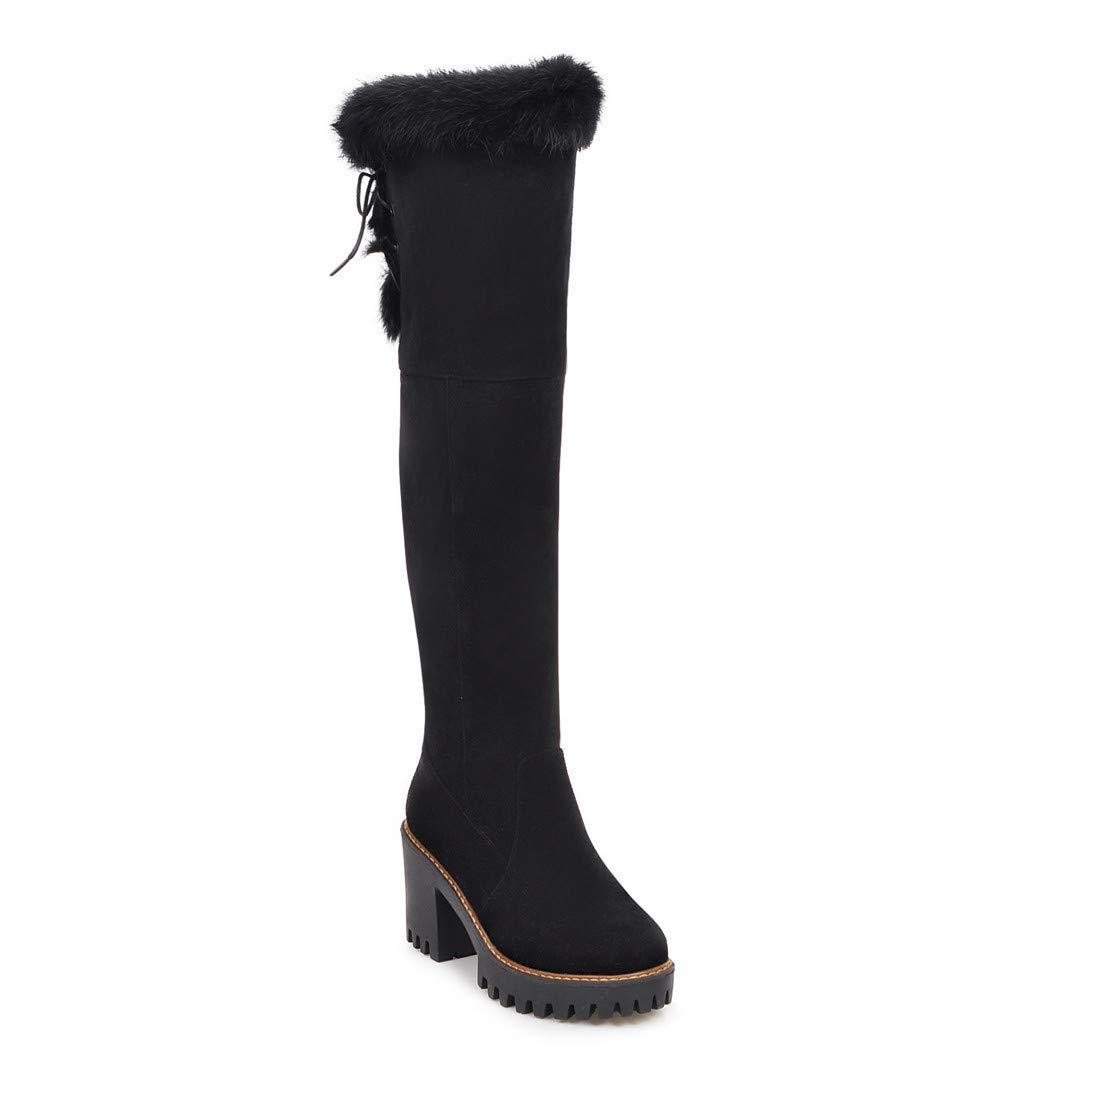 Stiefel-DEDE Stiefel  hohe übergroße hohe  Stiefel  Mode Herrenstiefel   Europa und Amerika hochhackige Stiefel für Damen b06114